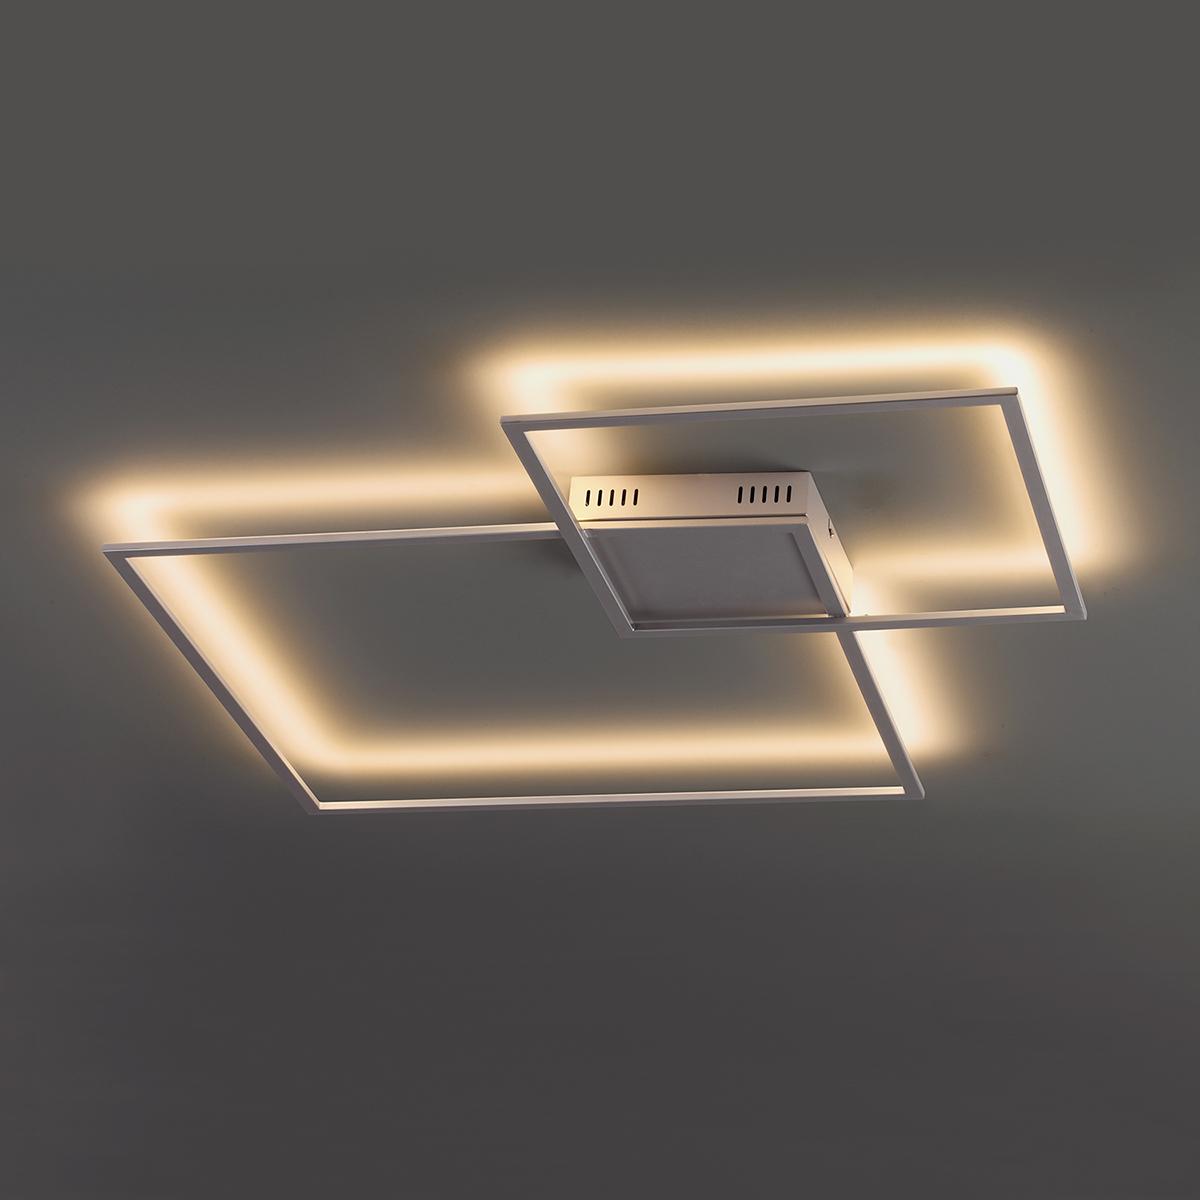 Настенный светодиодный светильник Odeon Light QuadroLED 3558/36CL, серебро, металл - фото 1